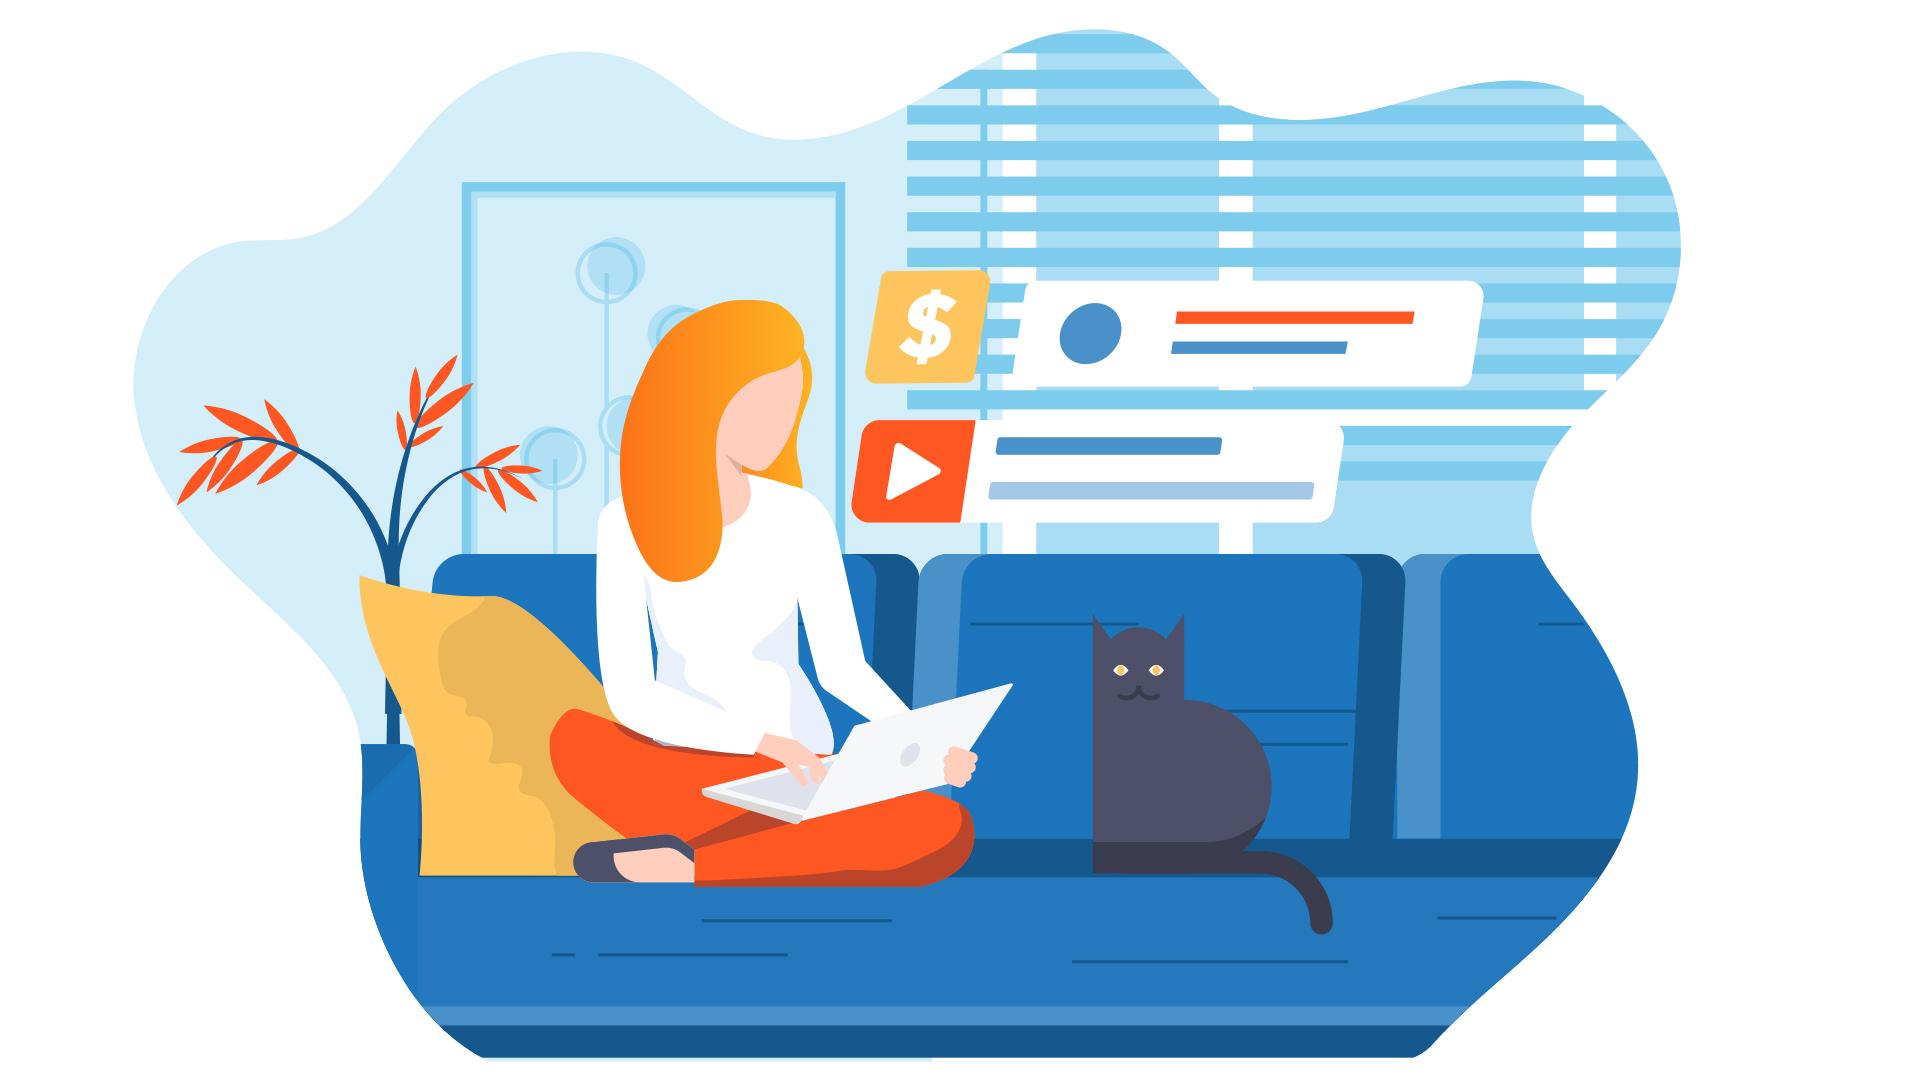 Trends in social media 2020